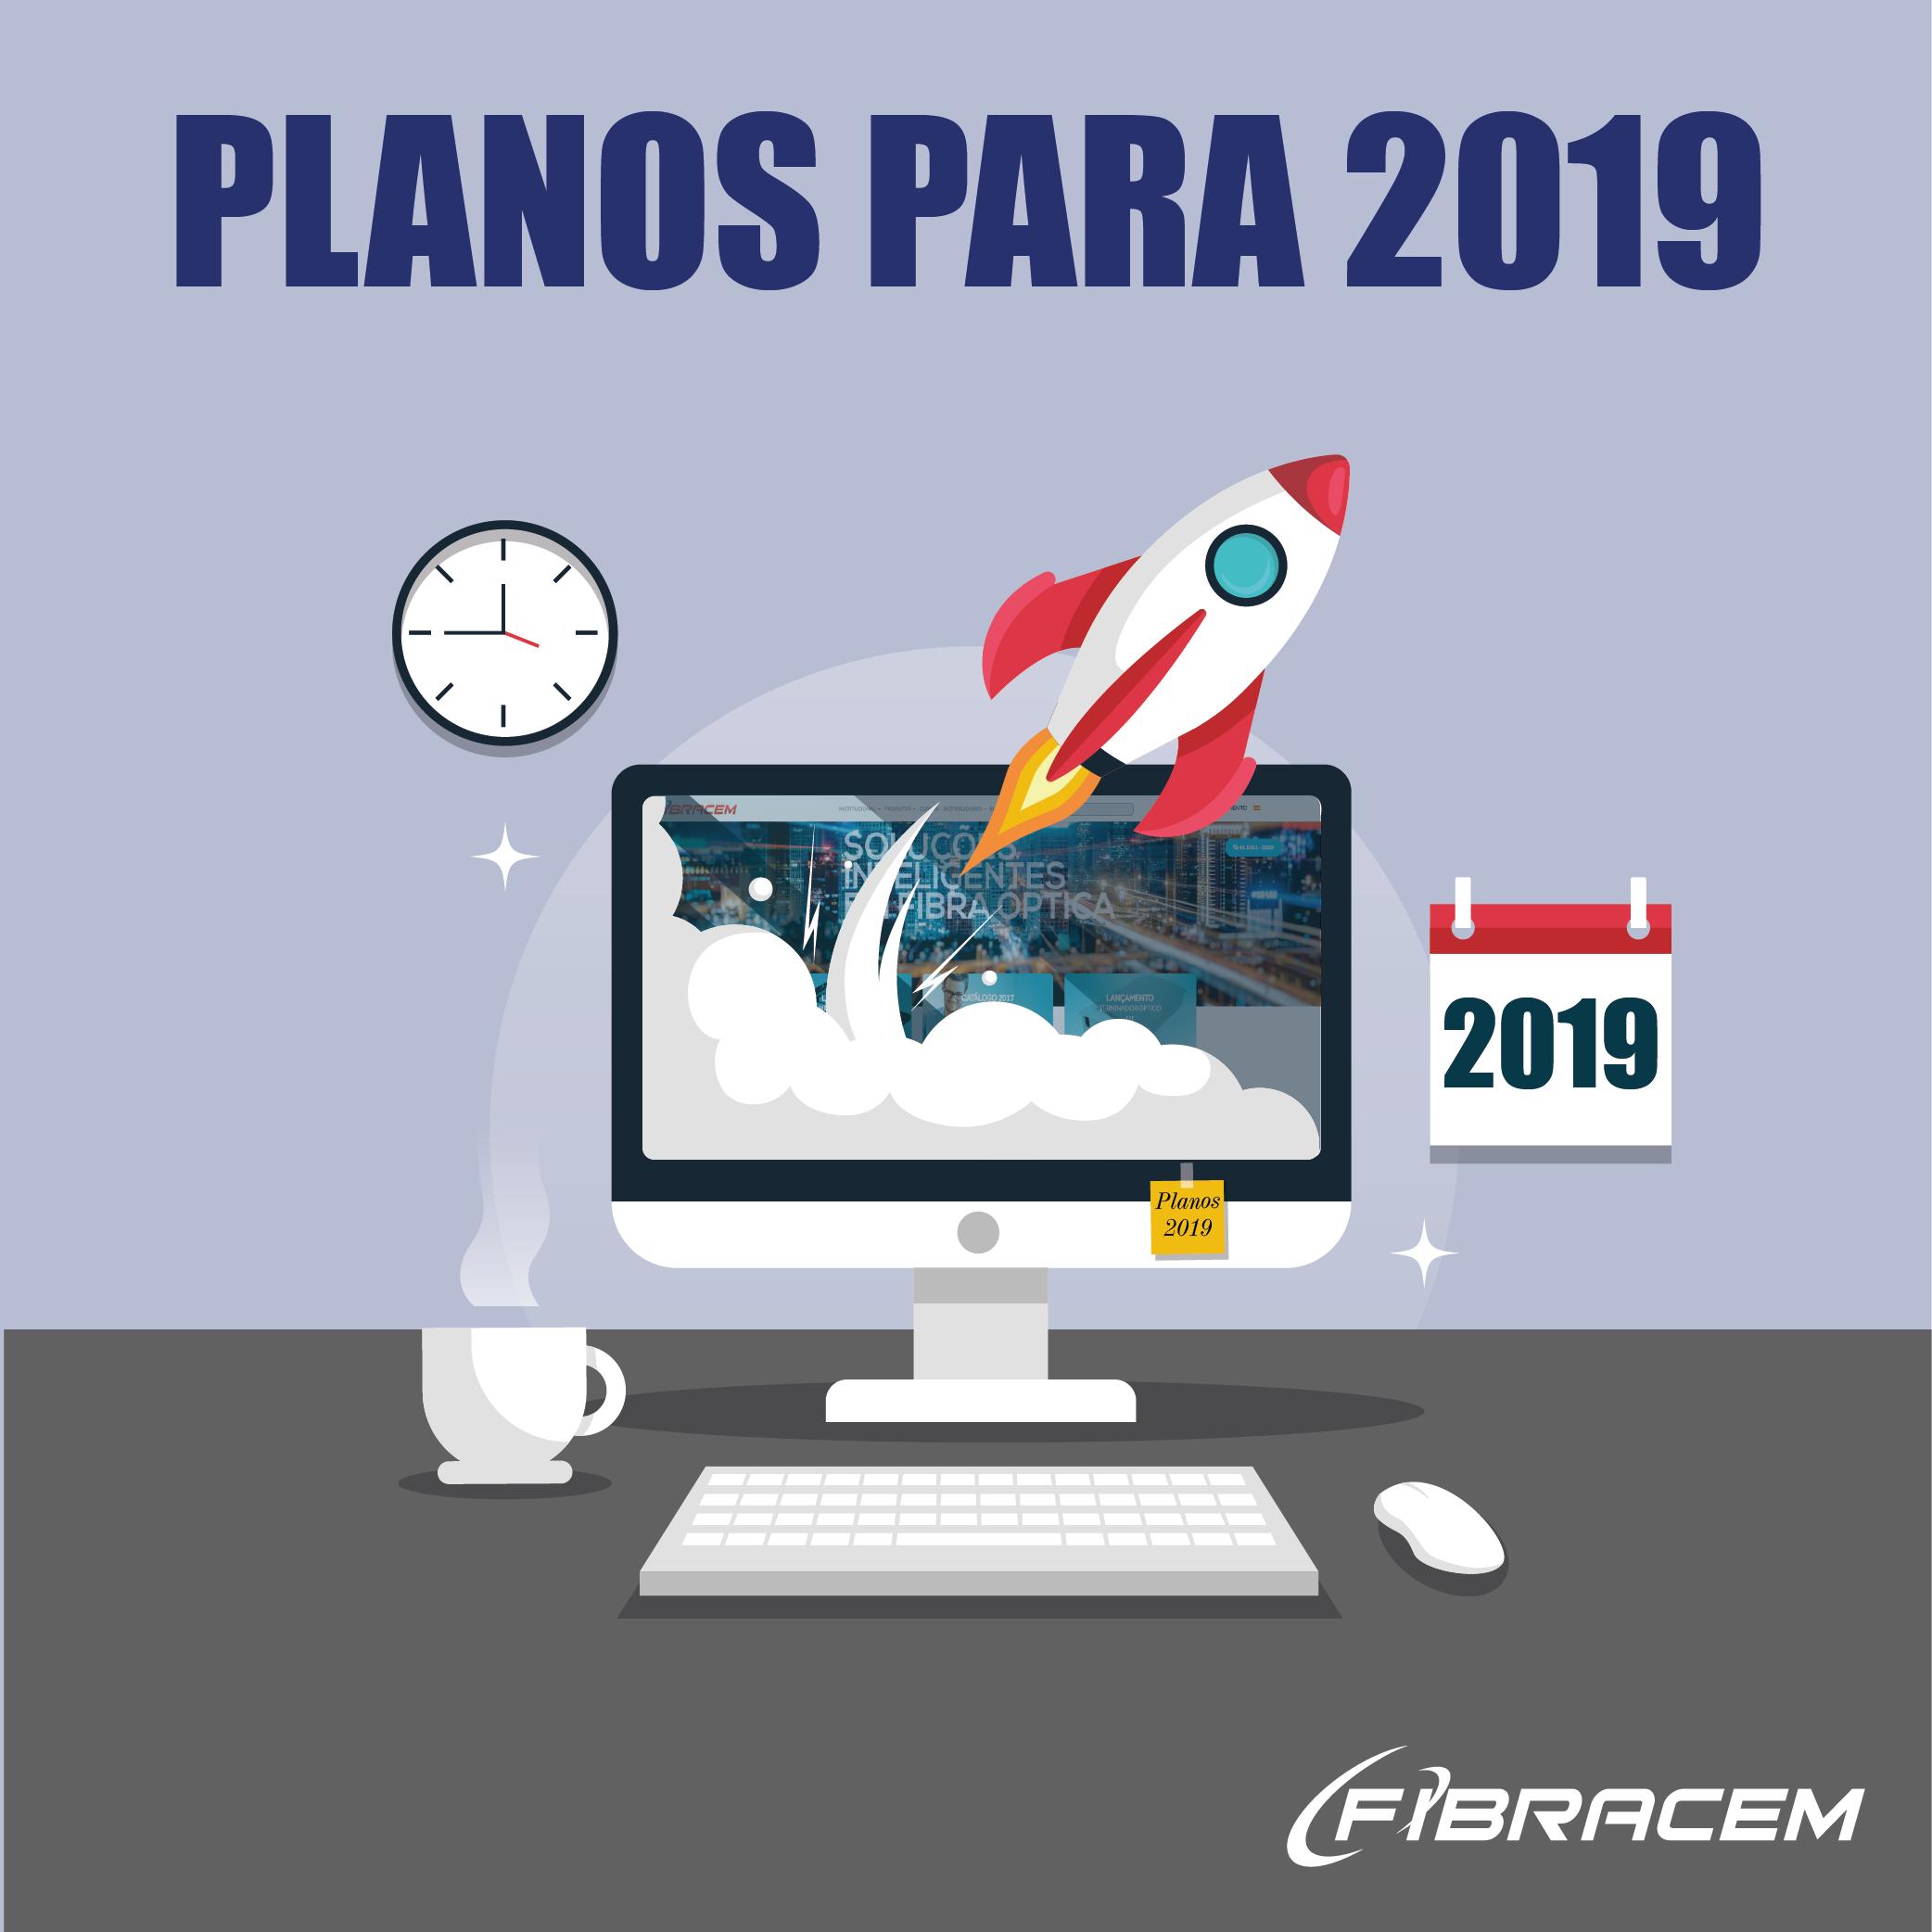 PLANOS PARA 2019